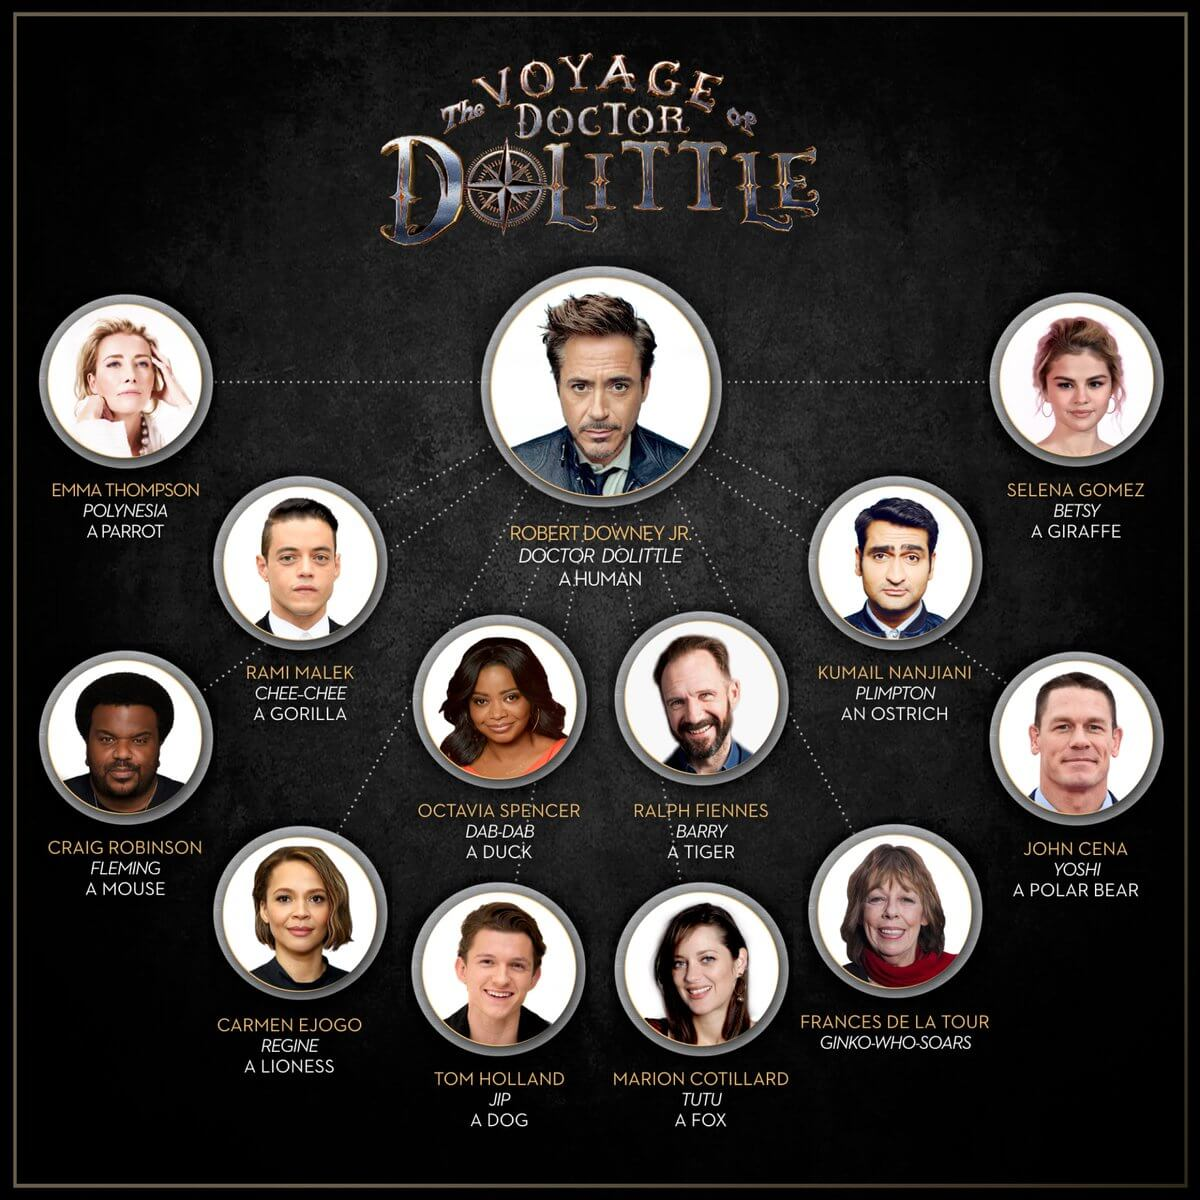 湯姆霍蘭德在 2020 年推出的《怪醫杜立德》將與「鋼鐵人」小勞勃道尼相逢。